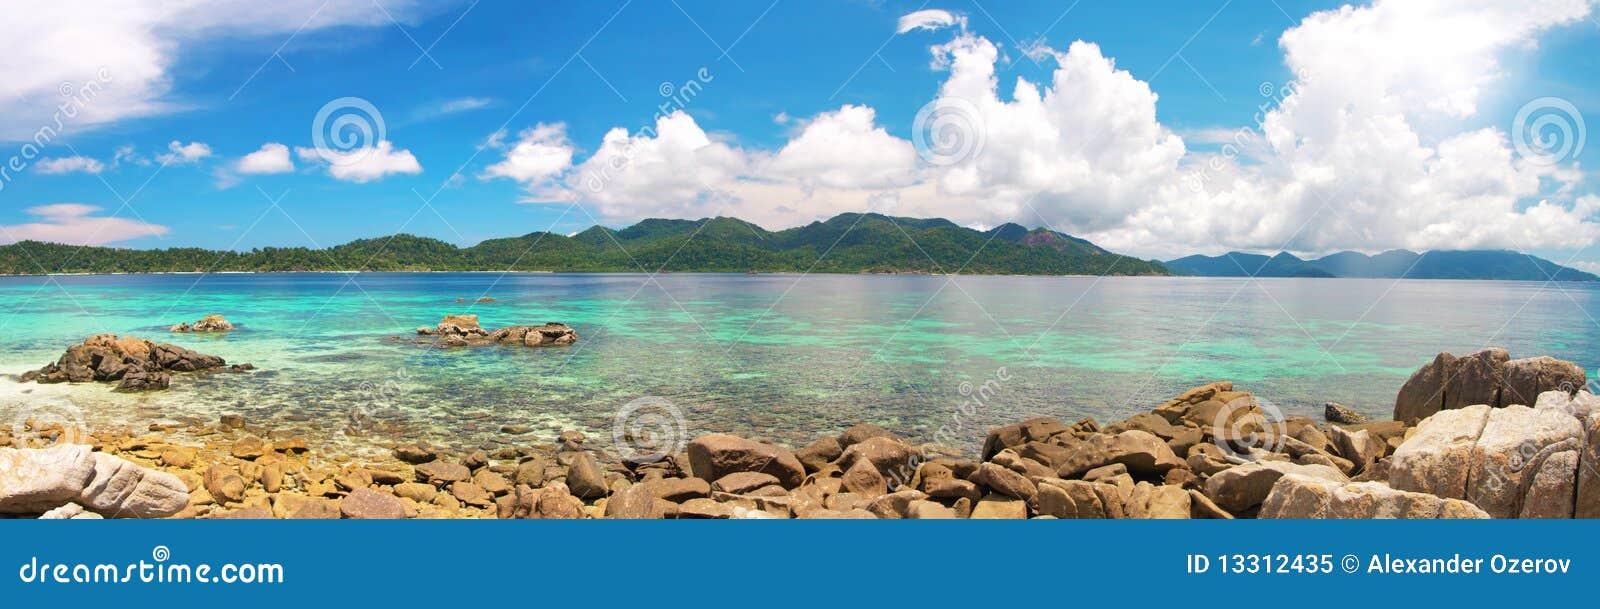 Schönes tropisches Meer